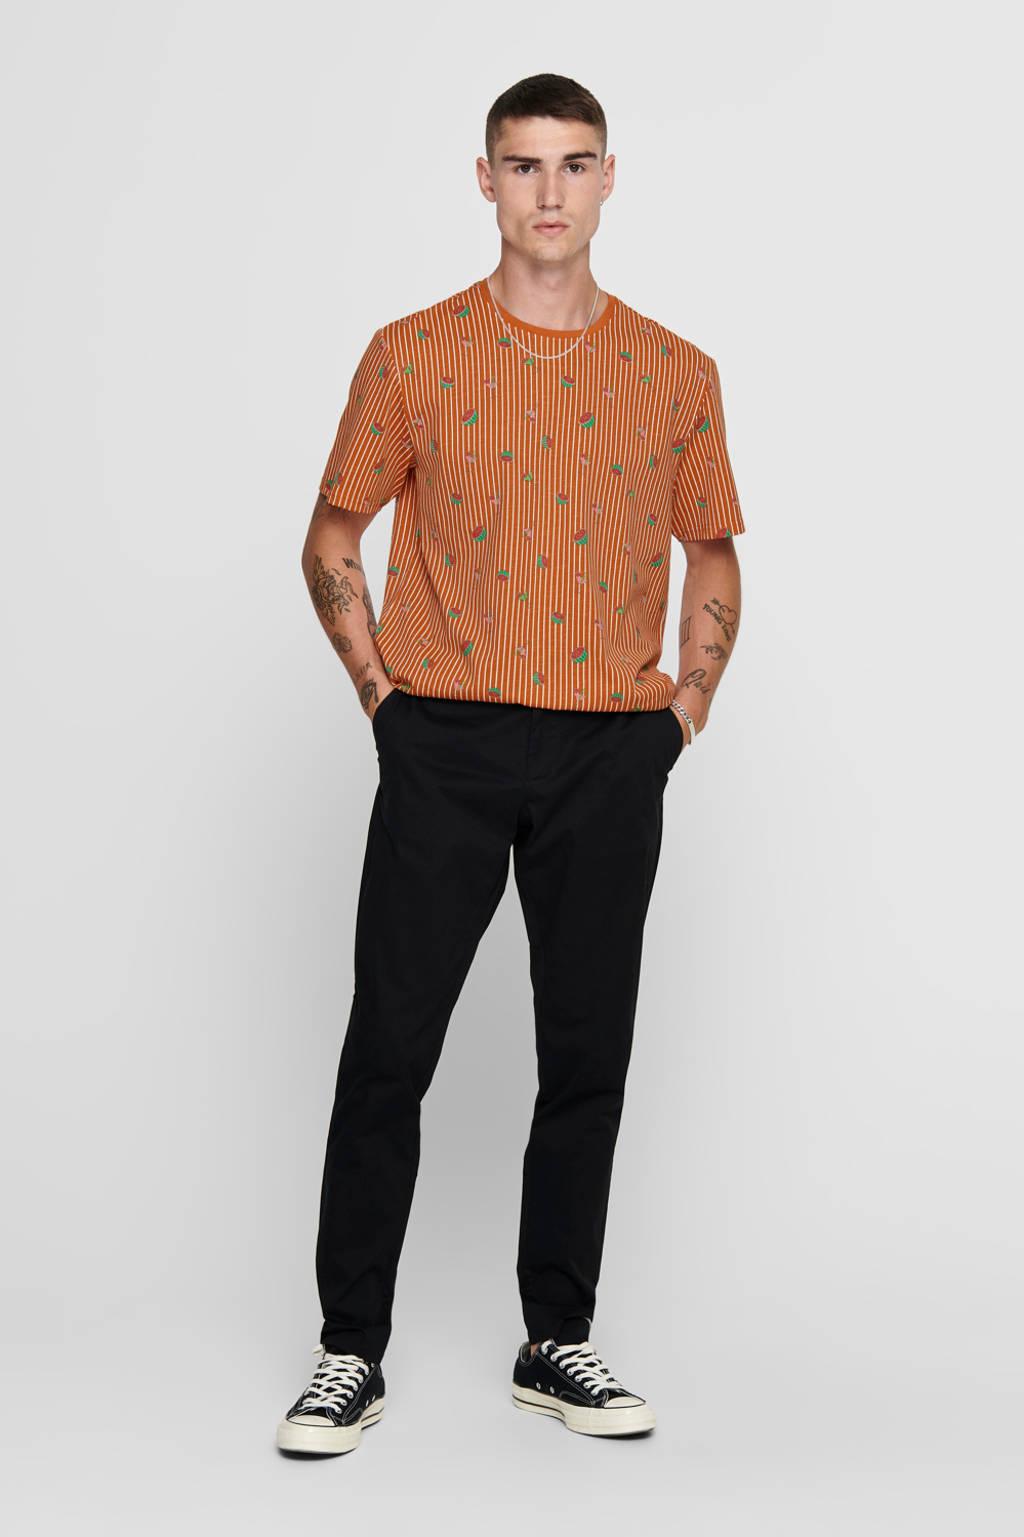 ONLY & SONS gestreept T-shirt oranje/groen/wit, Oranje/groen/wit